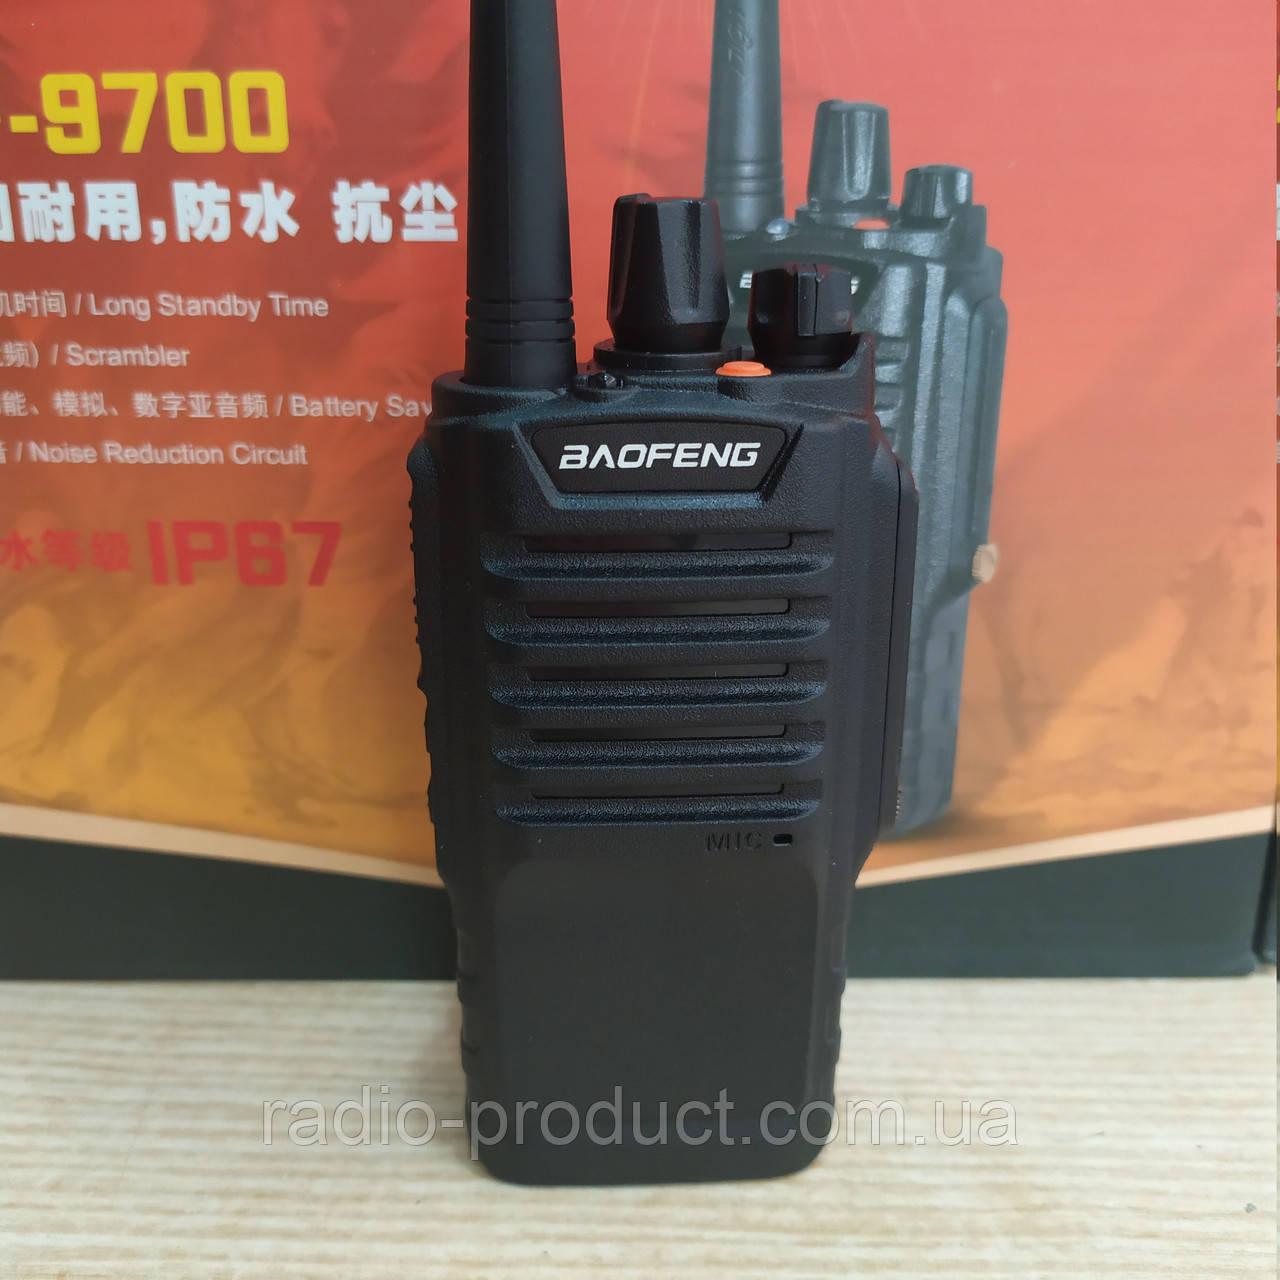 Baofeng BF-9700, IP67 пыле-влагозащищённая радиостанция